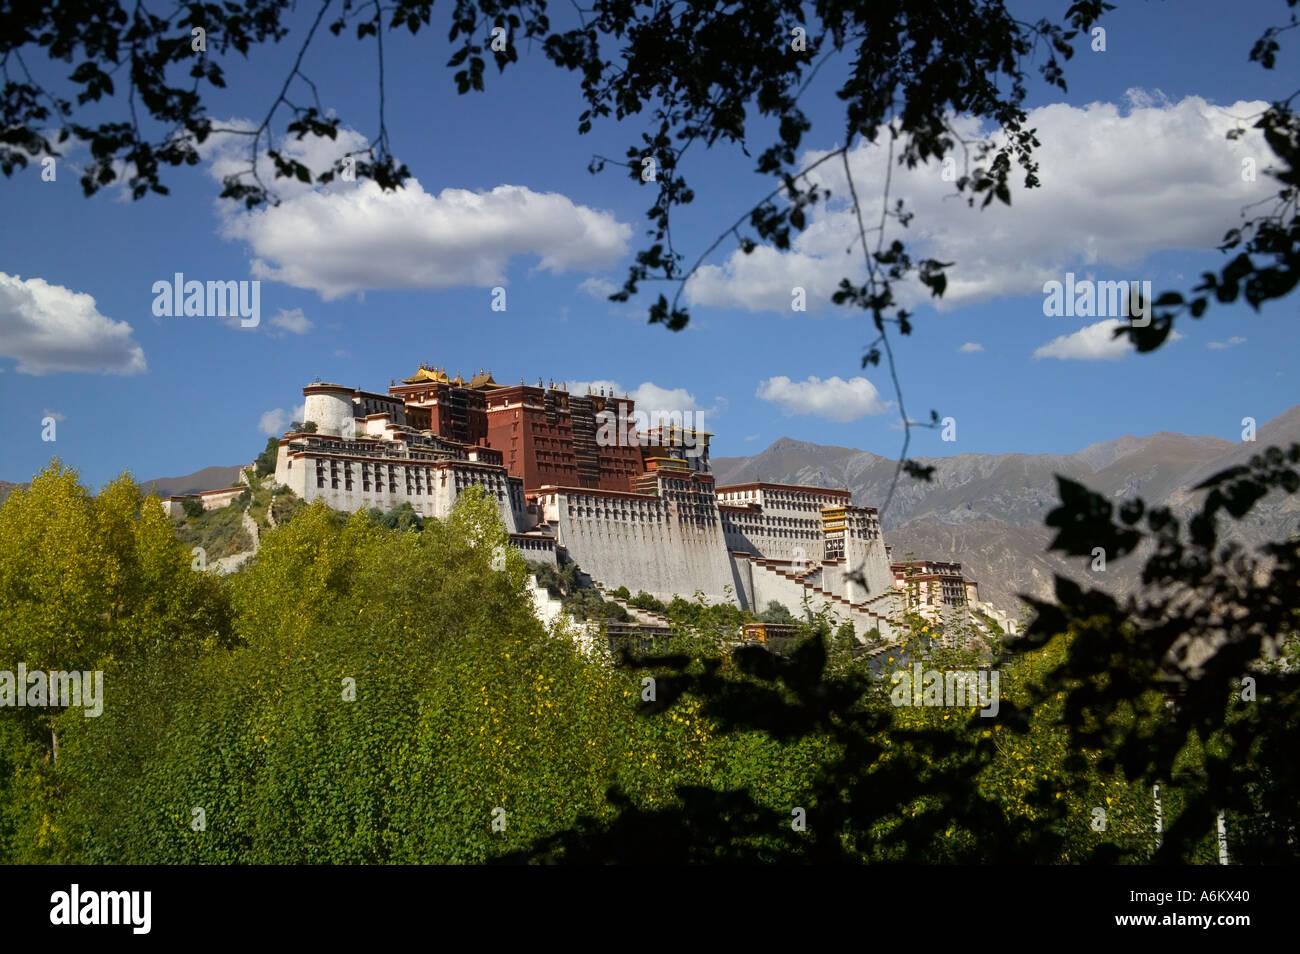 Potala Palace Lhasa Tibet China - Stock Image